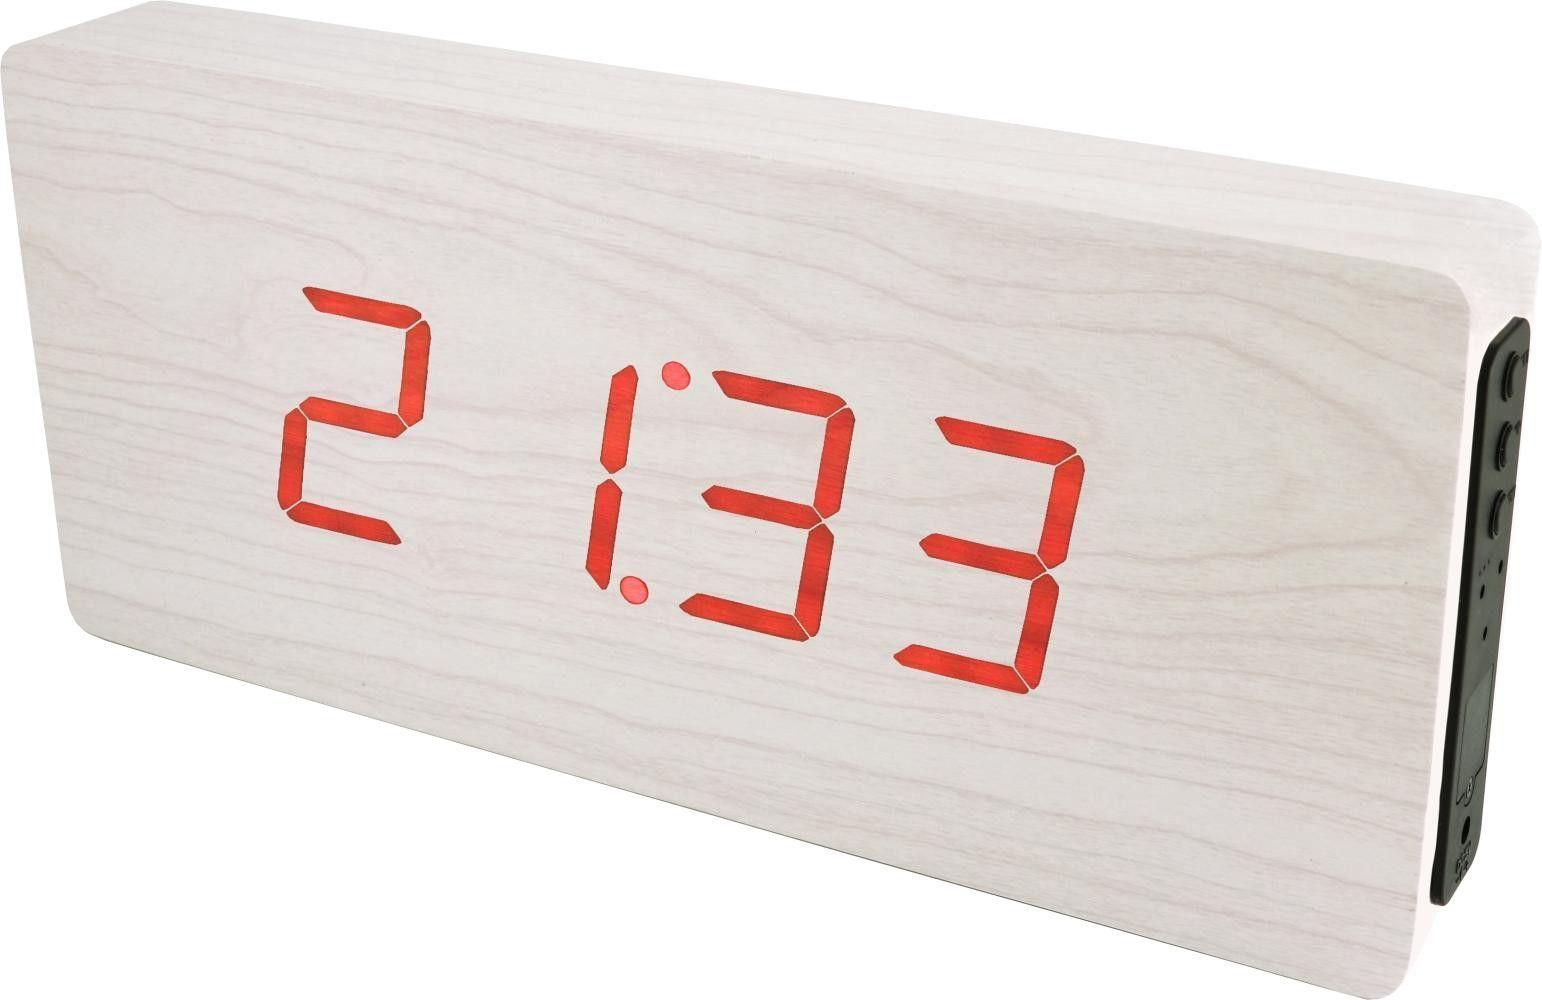 Dřevěný digitální budík se zelenými LED diodami, datem a teploměrem k postavení na stůl nebo pověšení na zeď. Napájecí adaptér je součástí balení..0546 170780 Hodiny